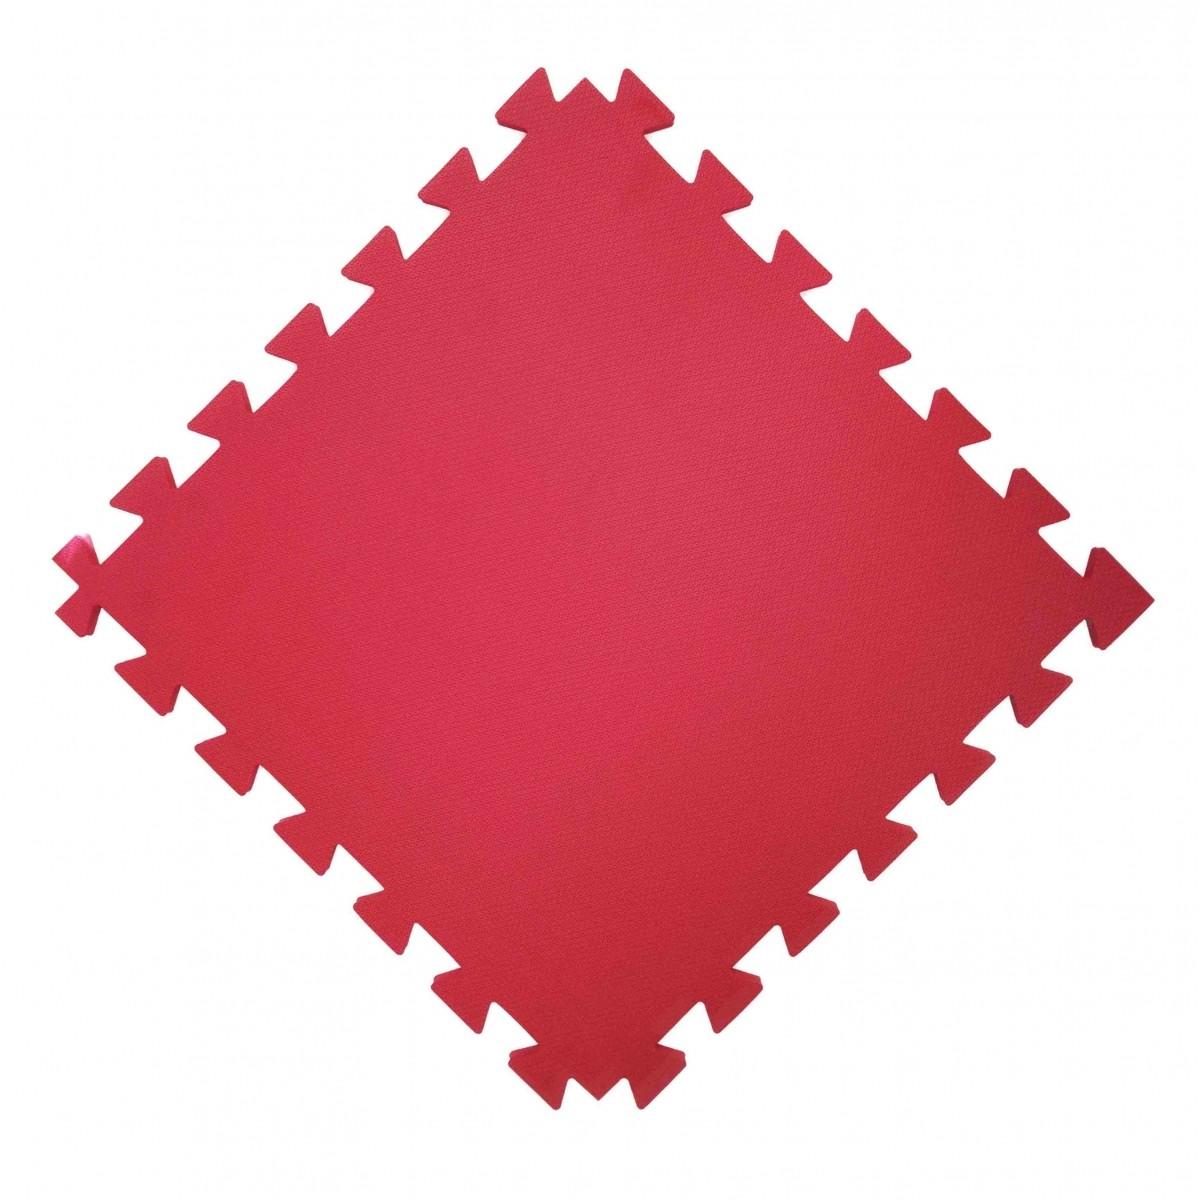 Tatame  100x100cm Com 30mm de Espessura Vermelho  - Brindes Visão loja